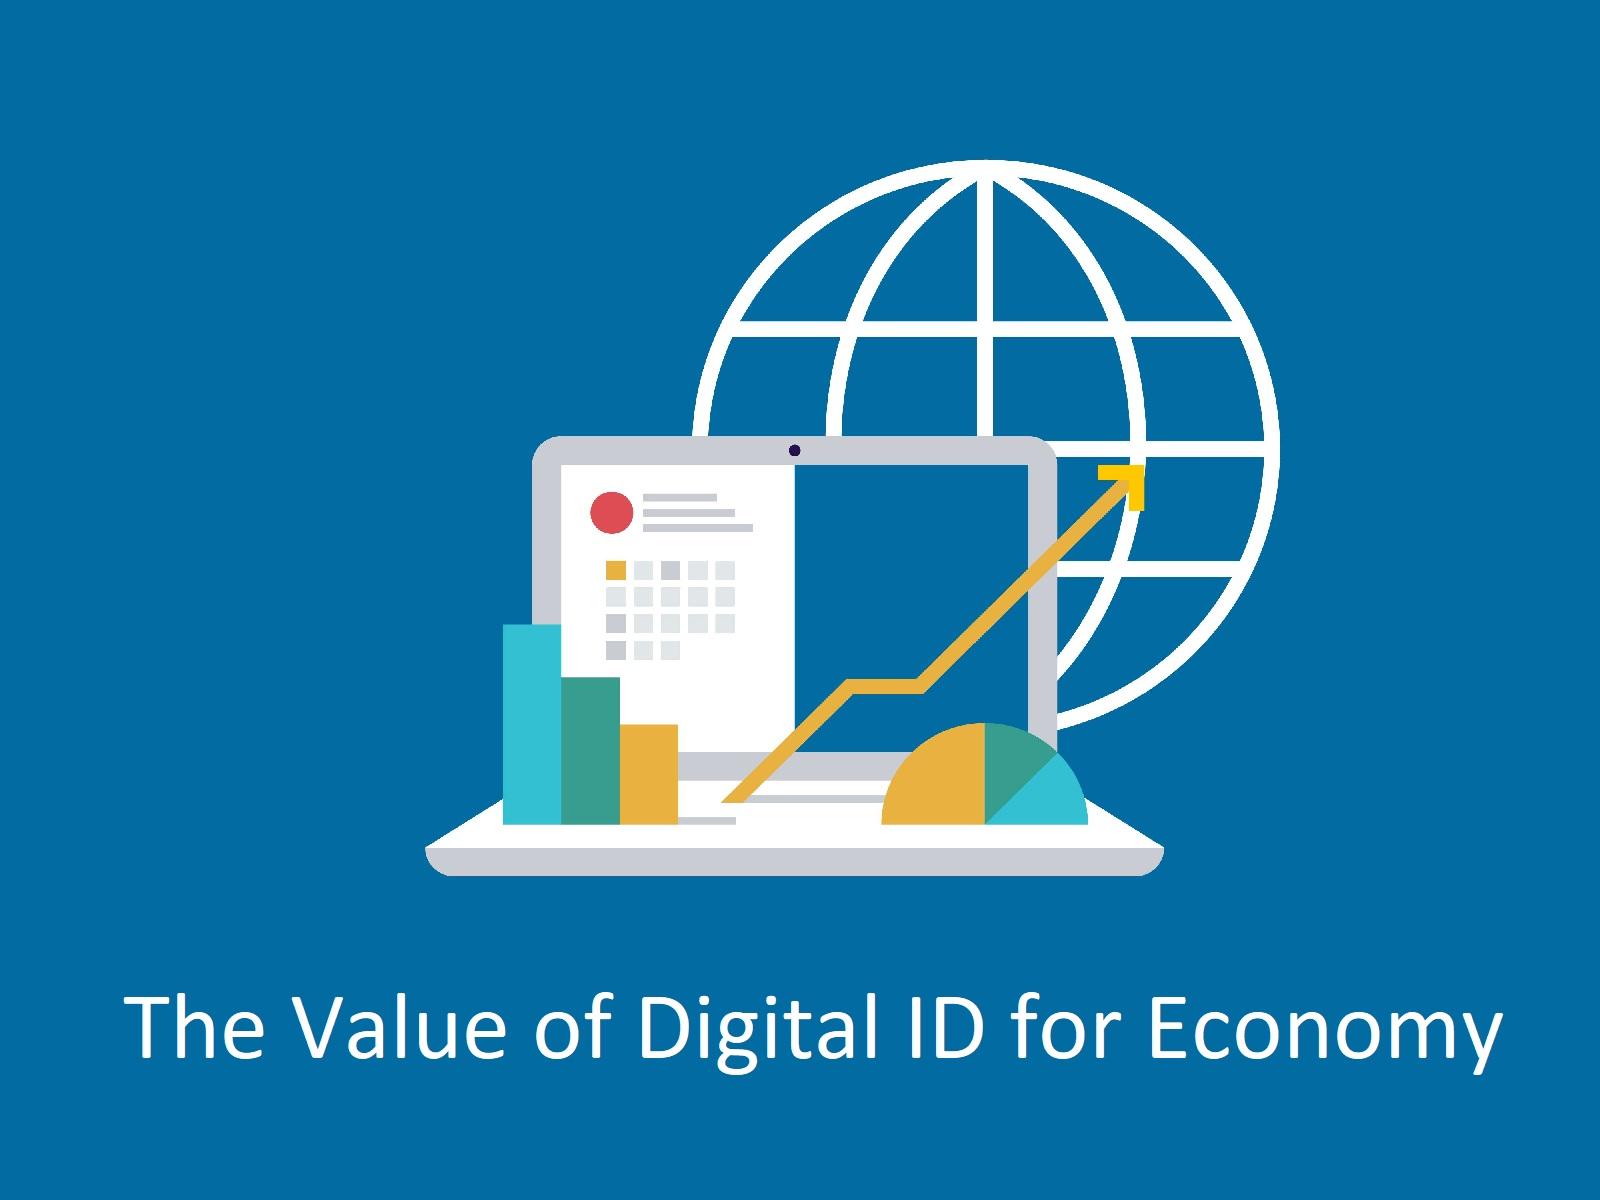 اقتصاد هویت دیجیتال و نقش آن در جامعه هوشمند